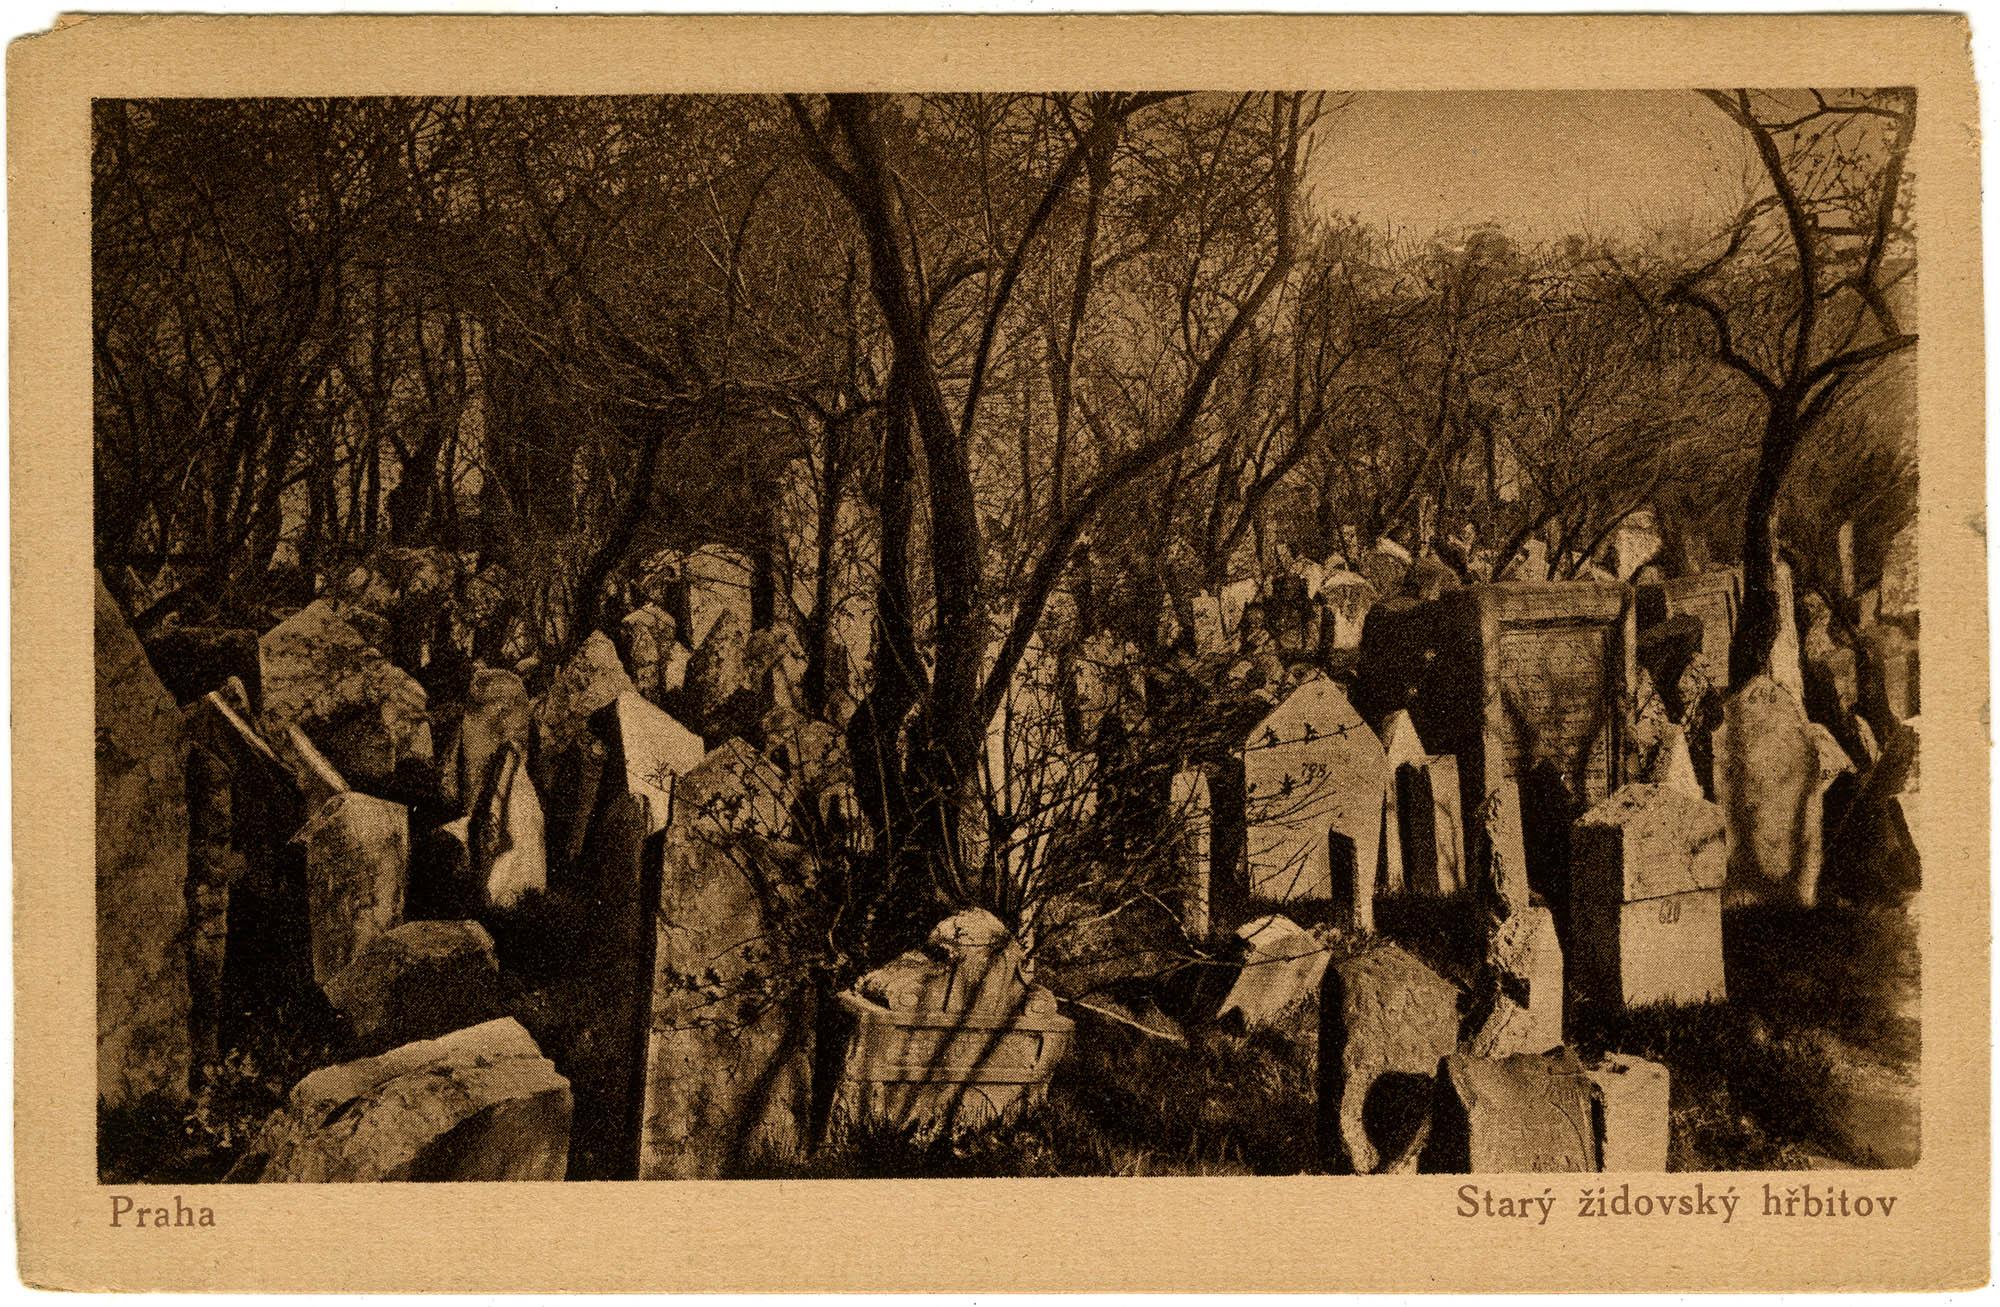 Praha, Starý židovský hřbitov